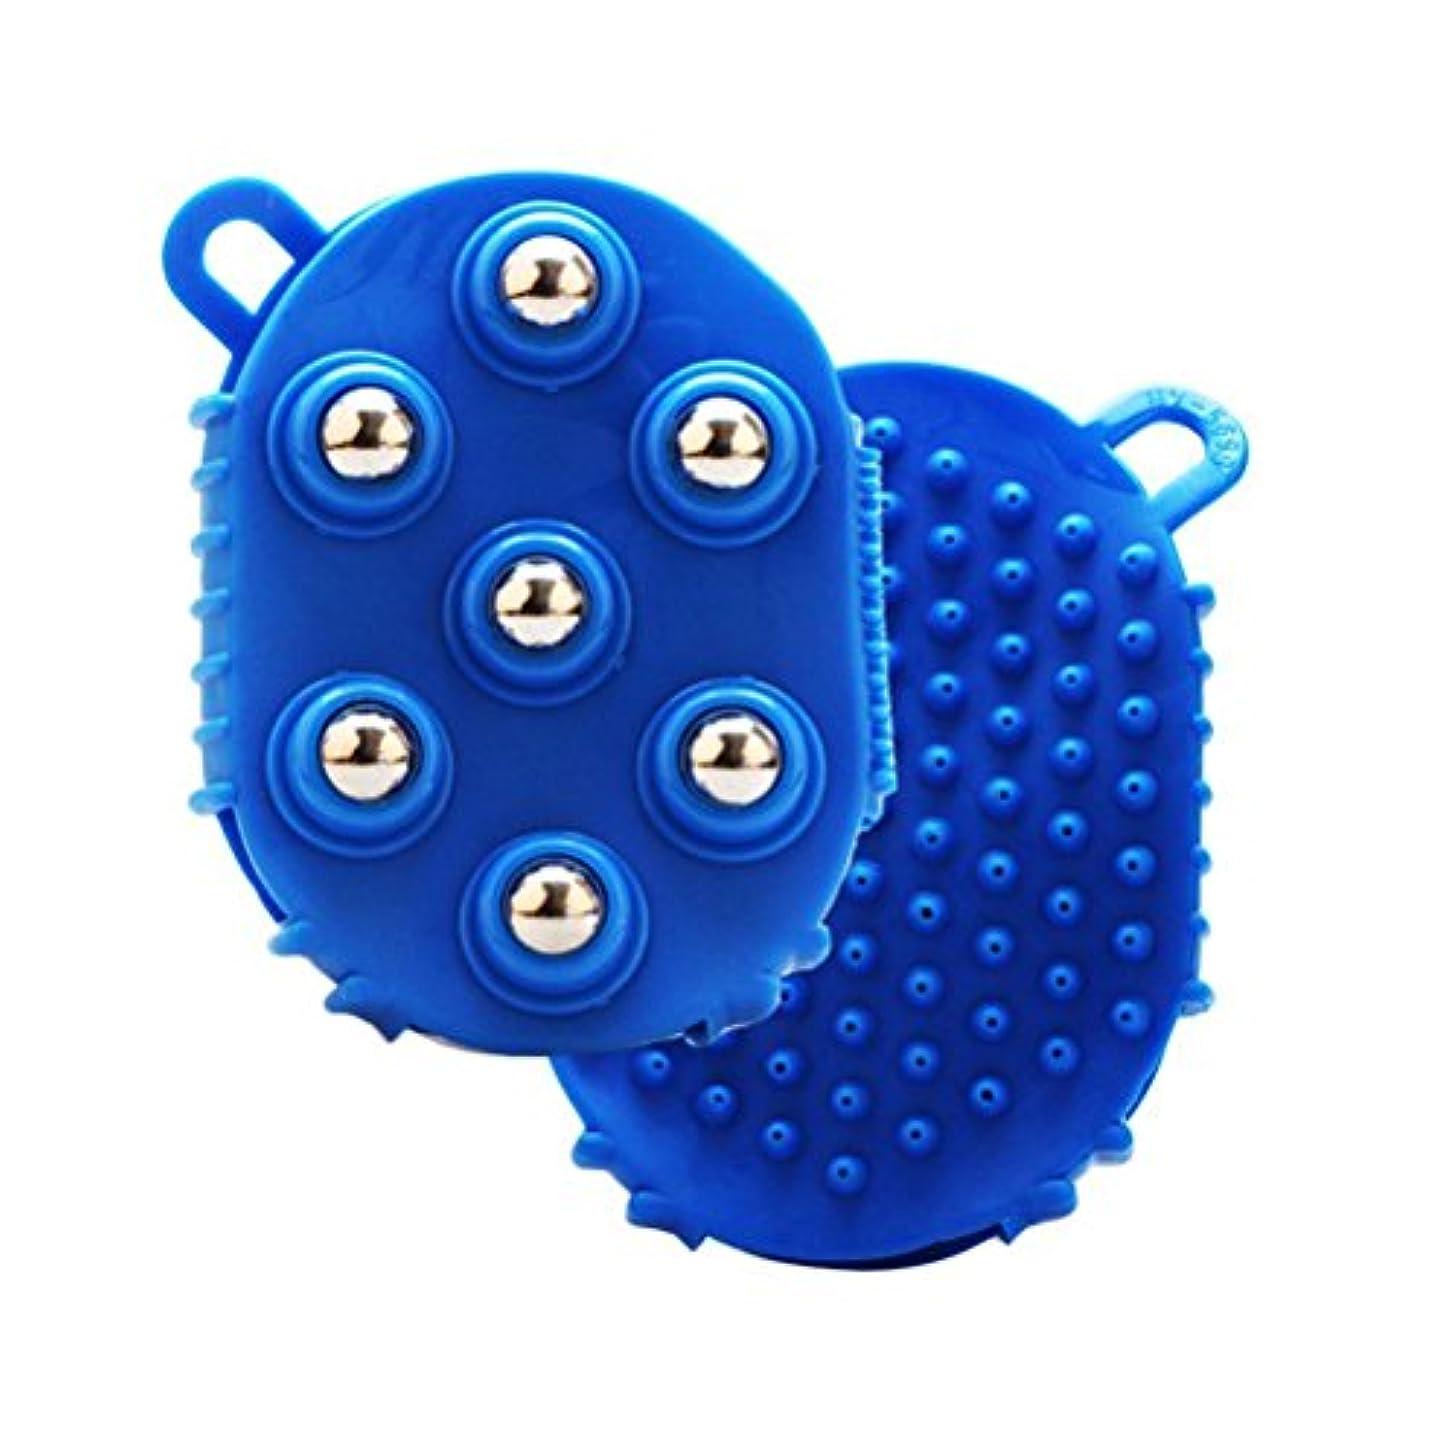 マージン提案するズームROSENICE マッサージブラシ7痛みの筋肉の痛みを軽減するための金属ローラーボールボディマッサージャー(ブルー)